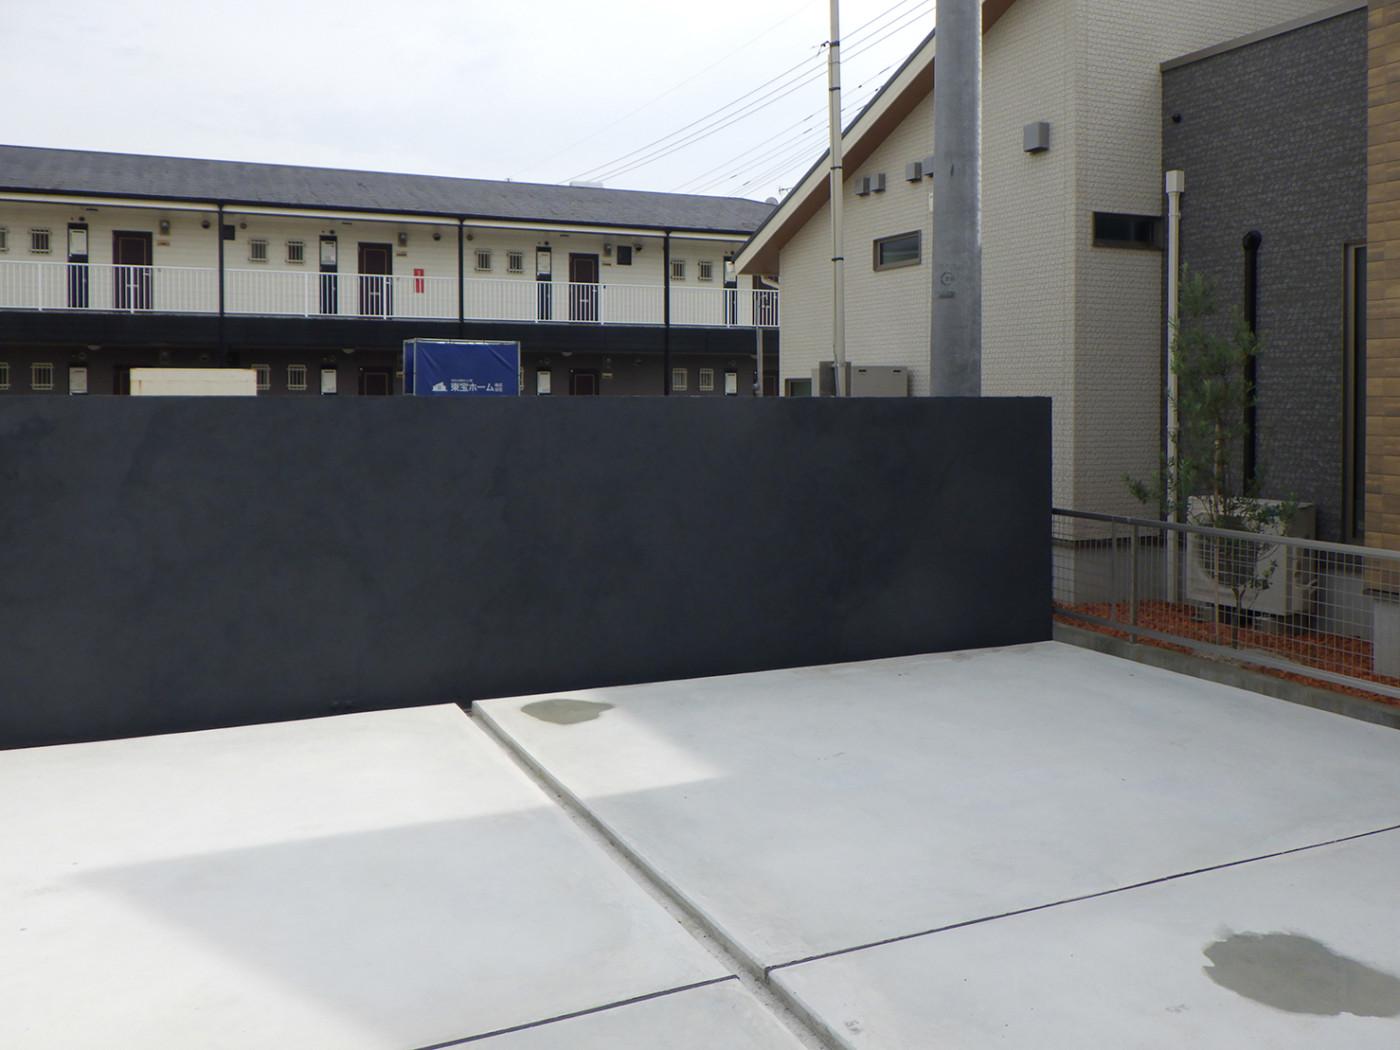 福岡県 GAW久留米 (株)下川工業 グランドアートウォール施工イメージ3404_04